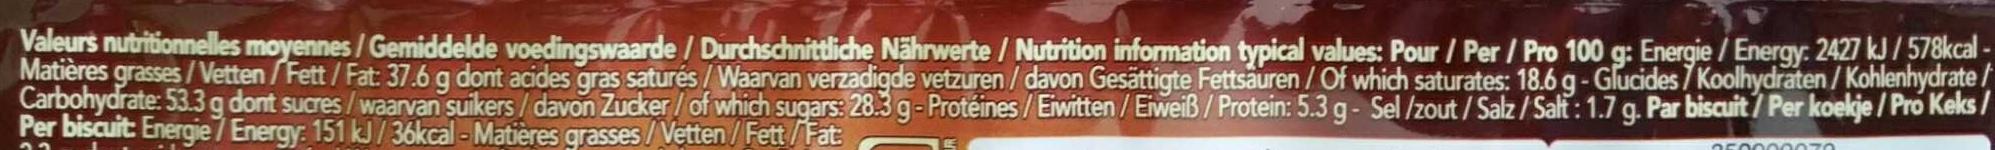 Delacre croustifondante gaufrette chocolat - Informations nutritionnelles - fr